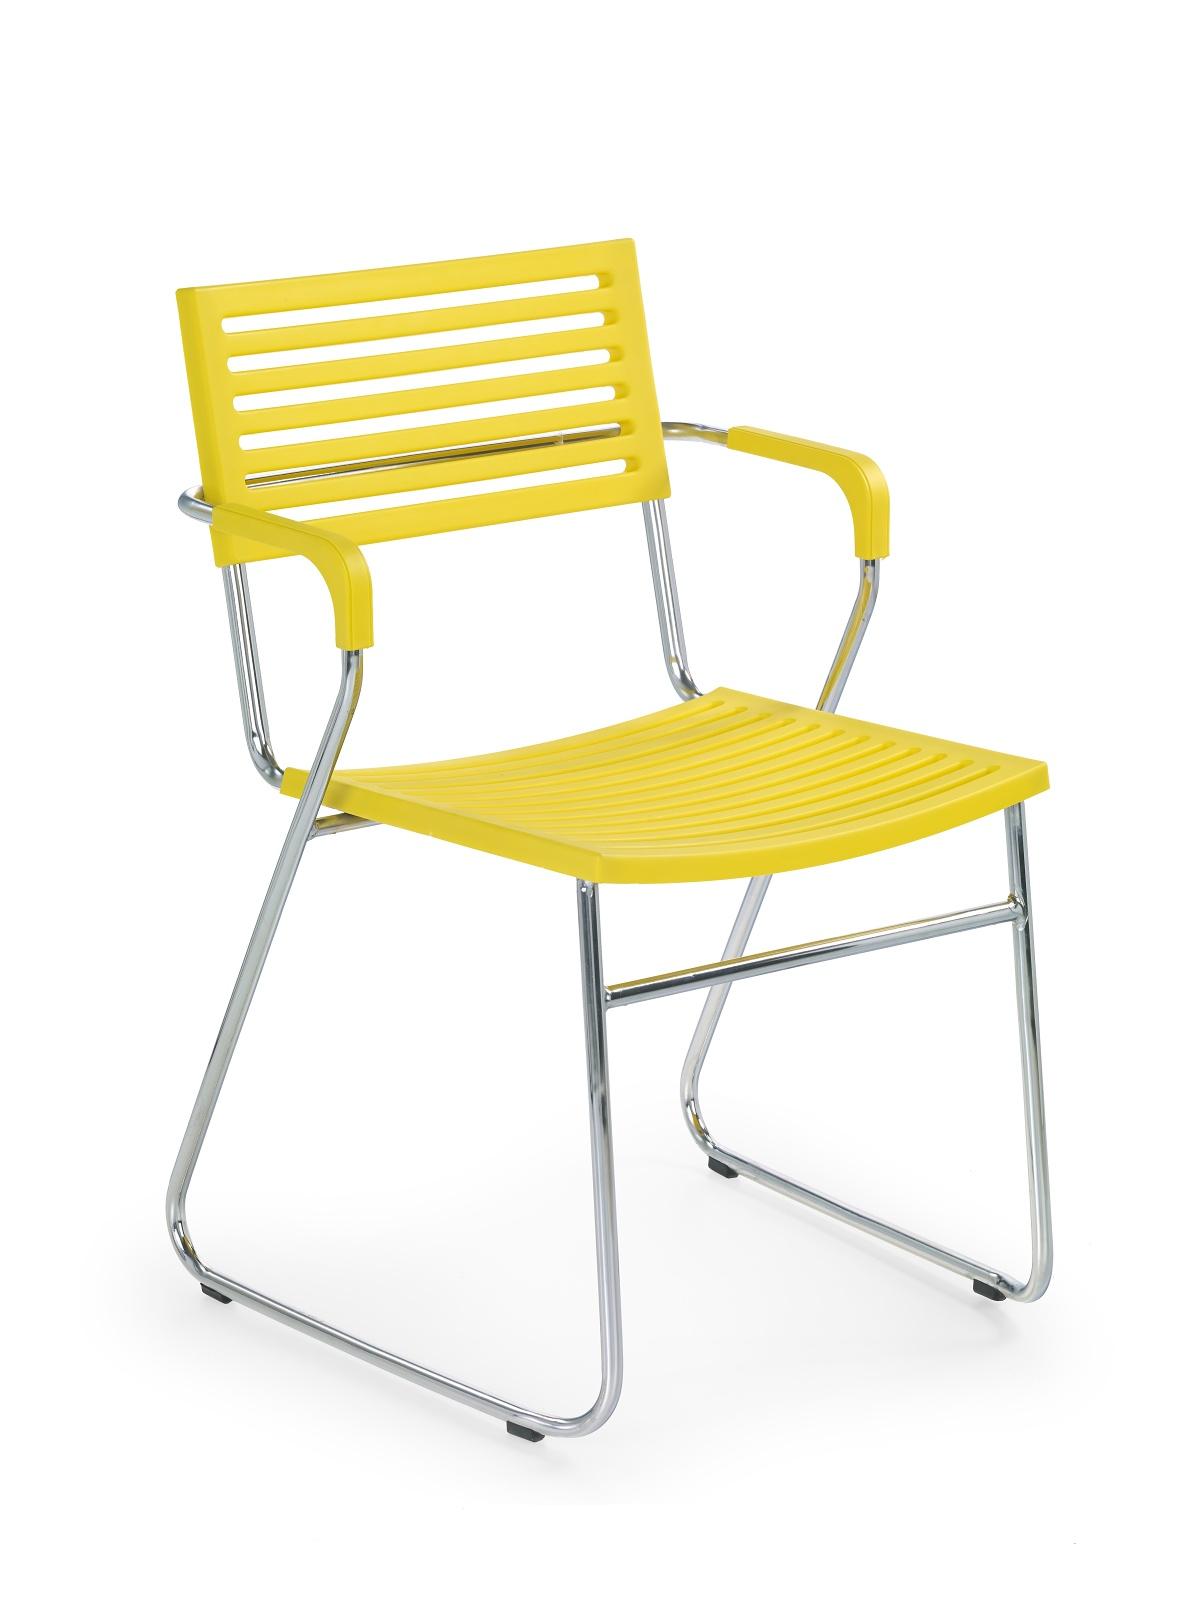 Jedálenská stolička - Halmar - K156 žltá